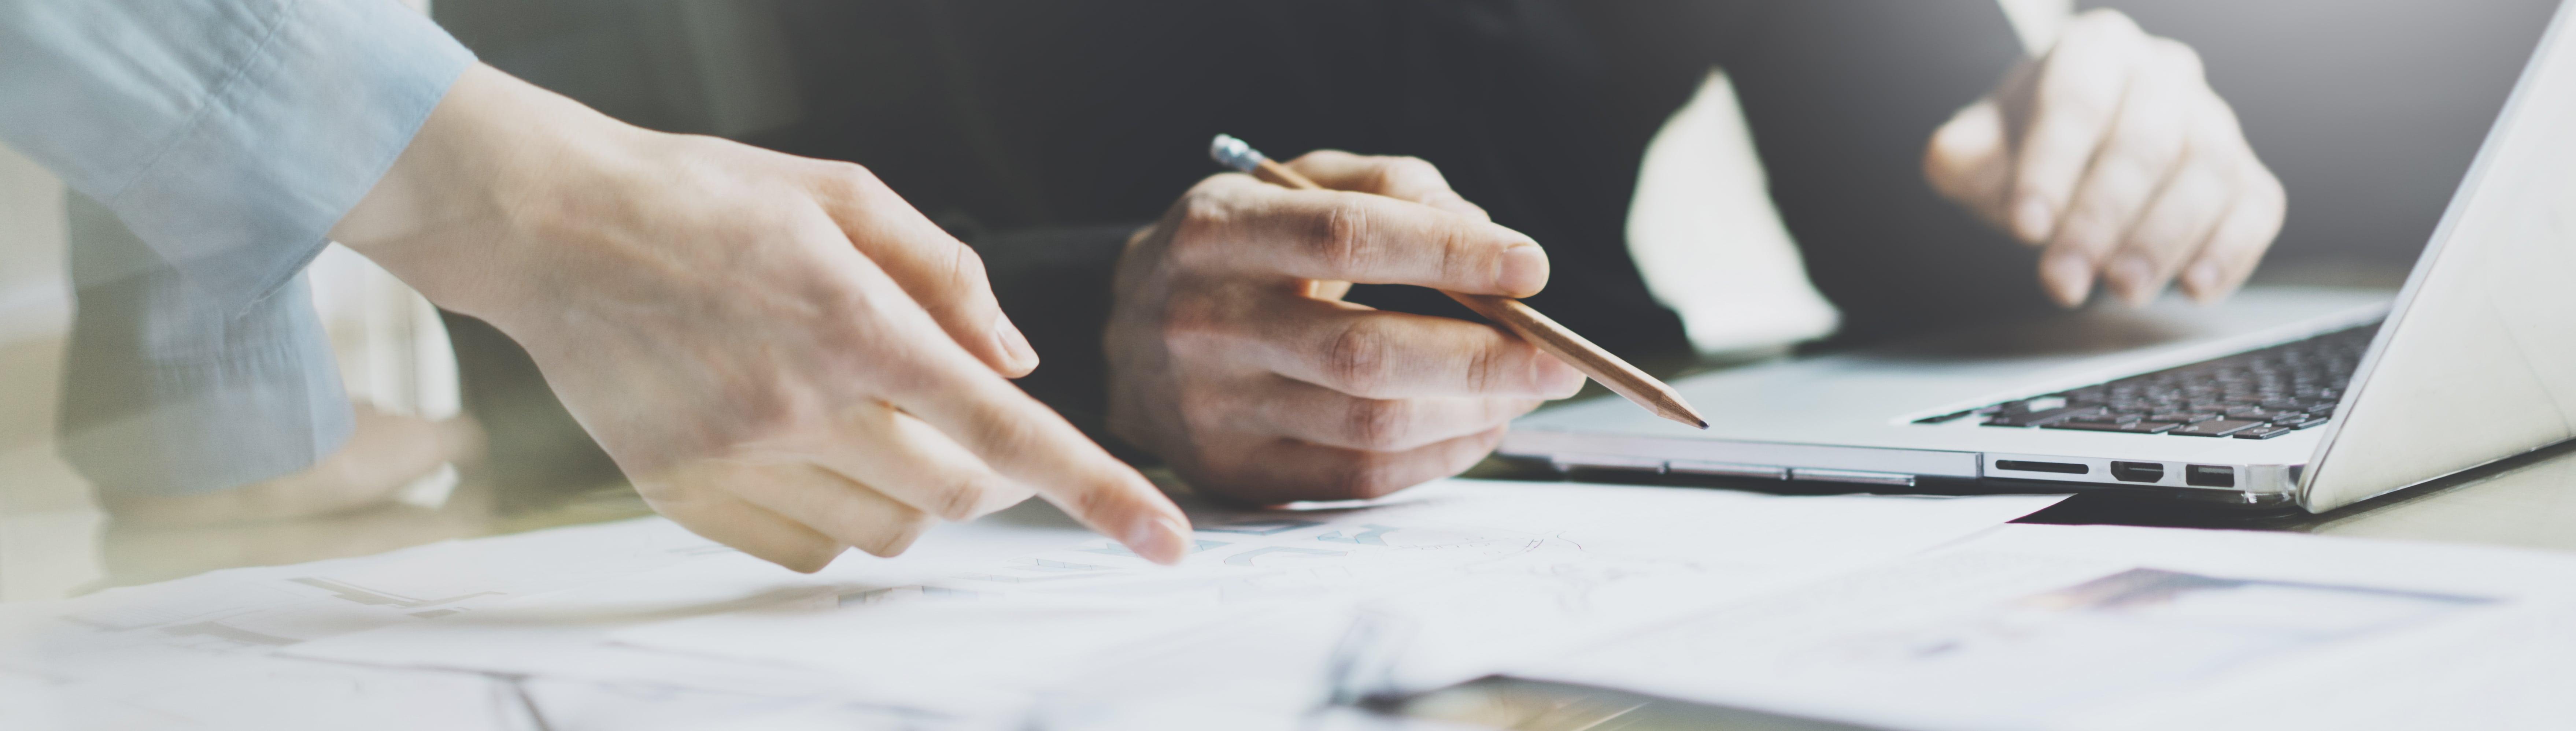 [FORMATION PROFESSIONNELLE] OPCA : FINANCER VOTRE FORMATION